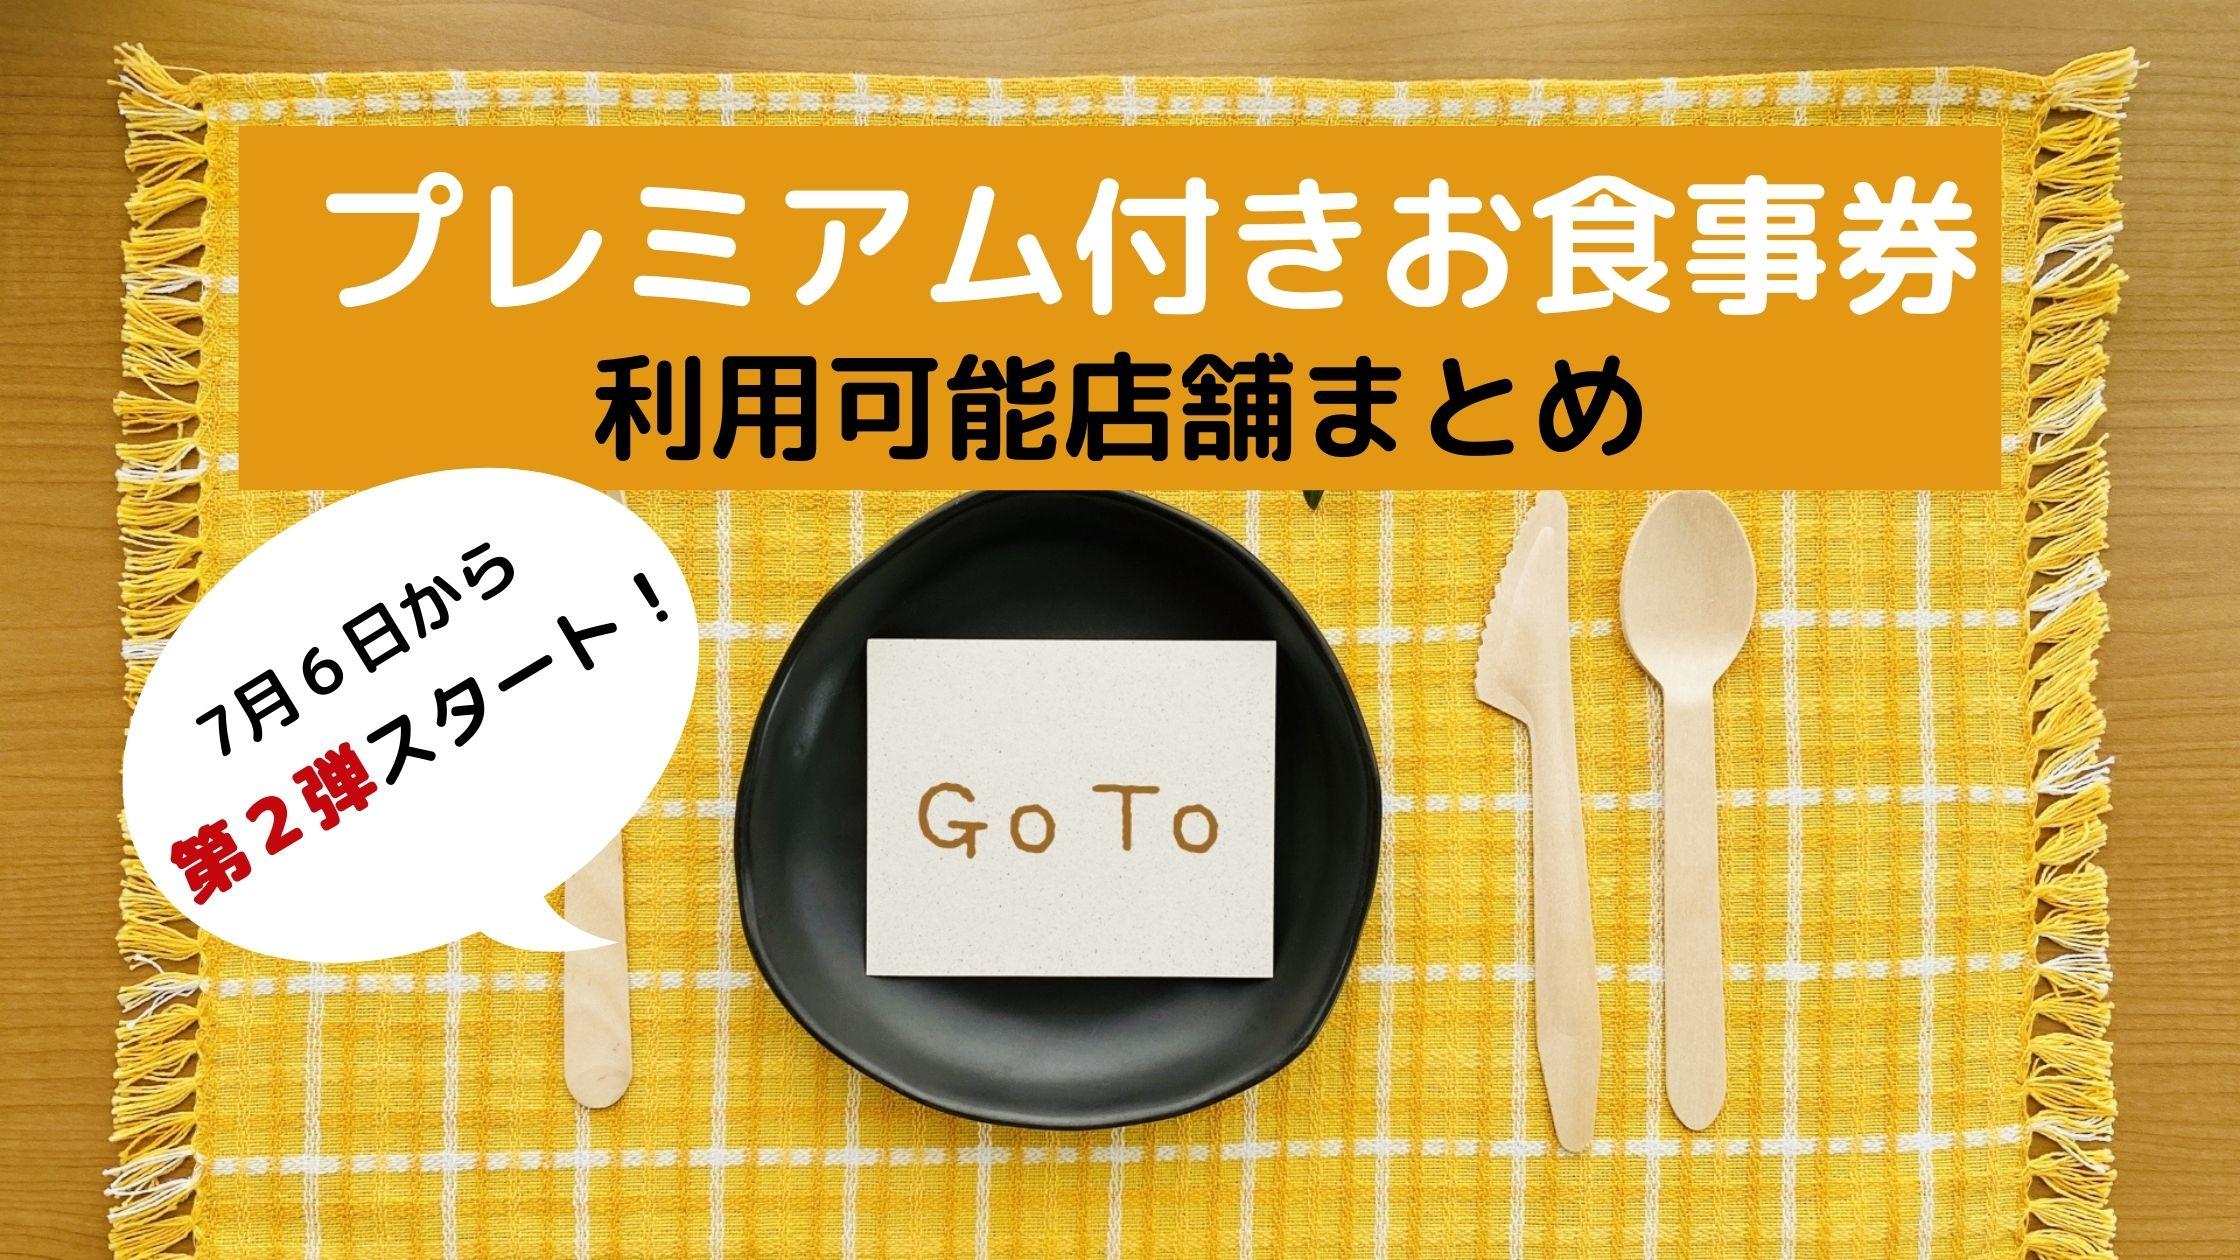 gotoeat富山第二弾